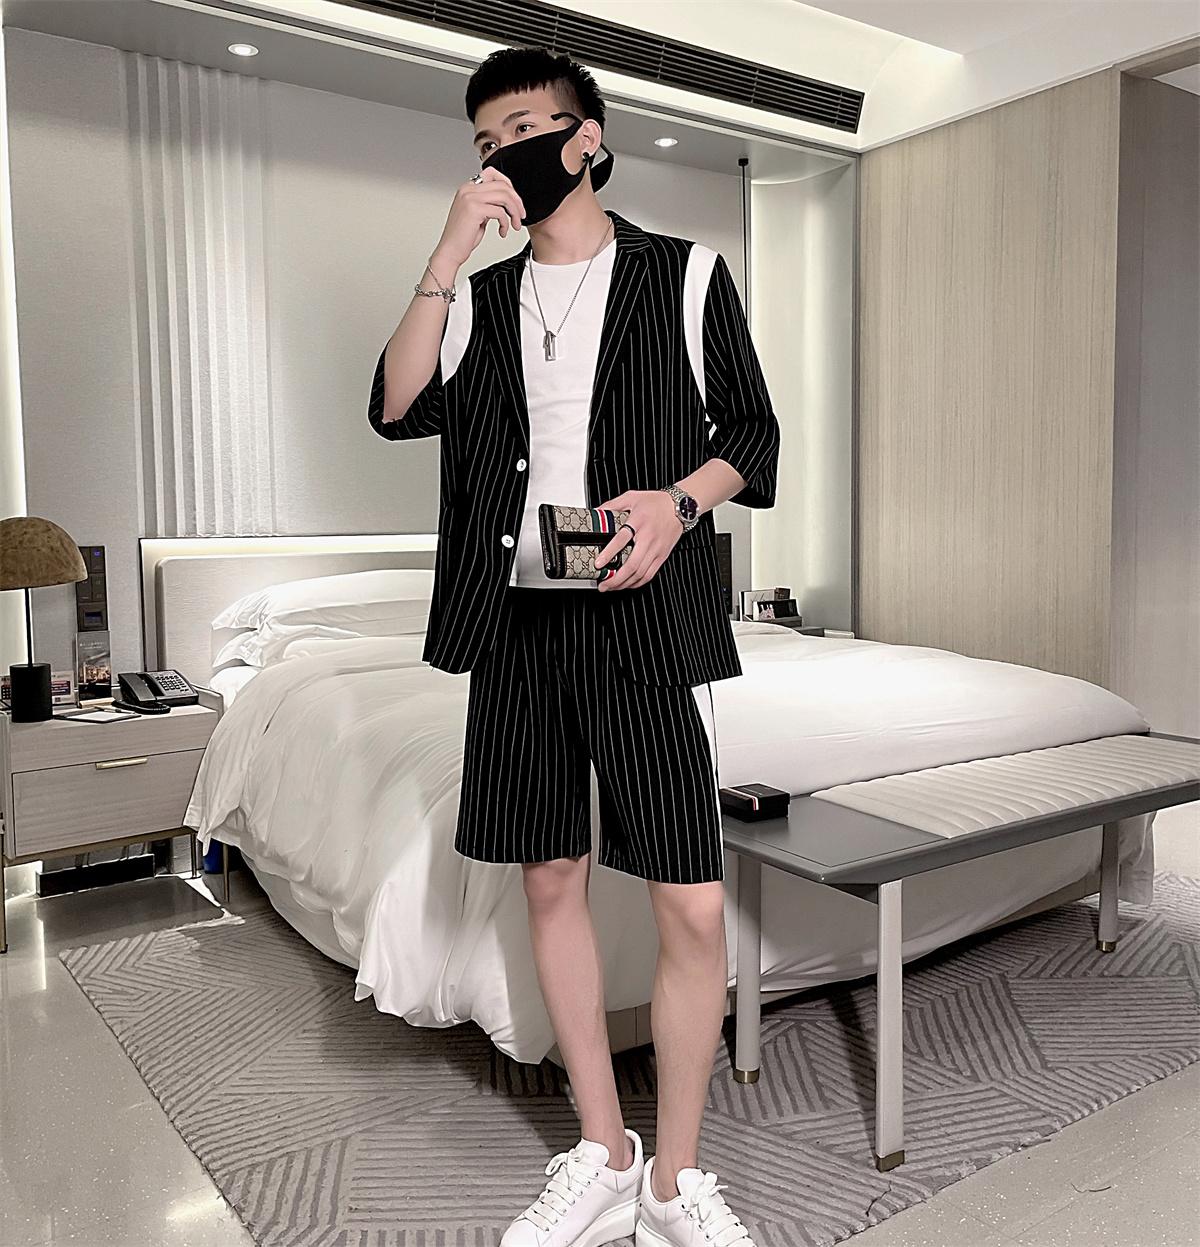 夏季轻熟条纹半袖短袖西装男韩版短裤套装A328-21121-P105控145